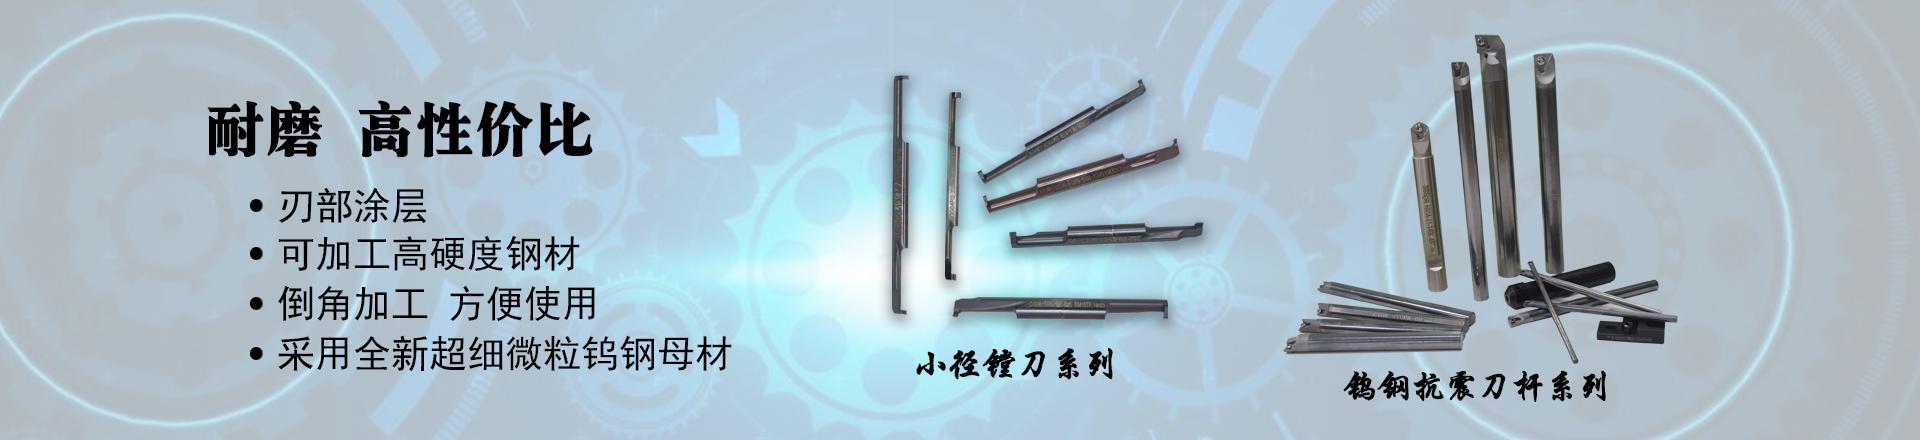 深圳市鑫明辉钻石刀具有限公司